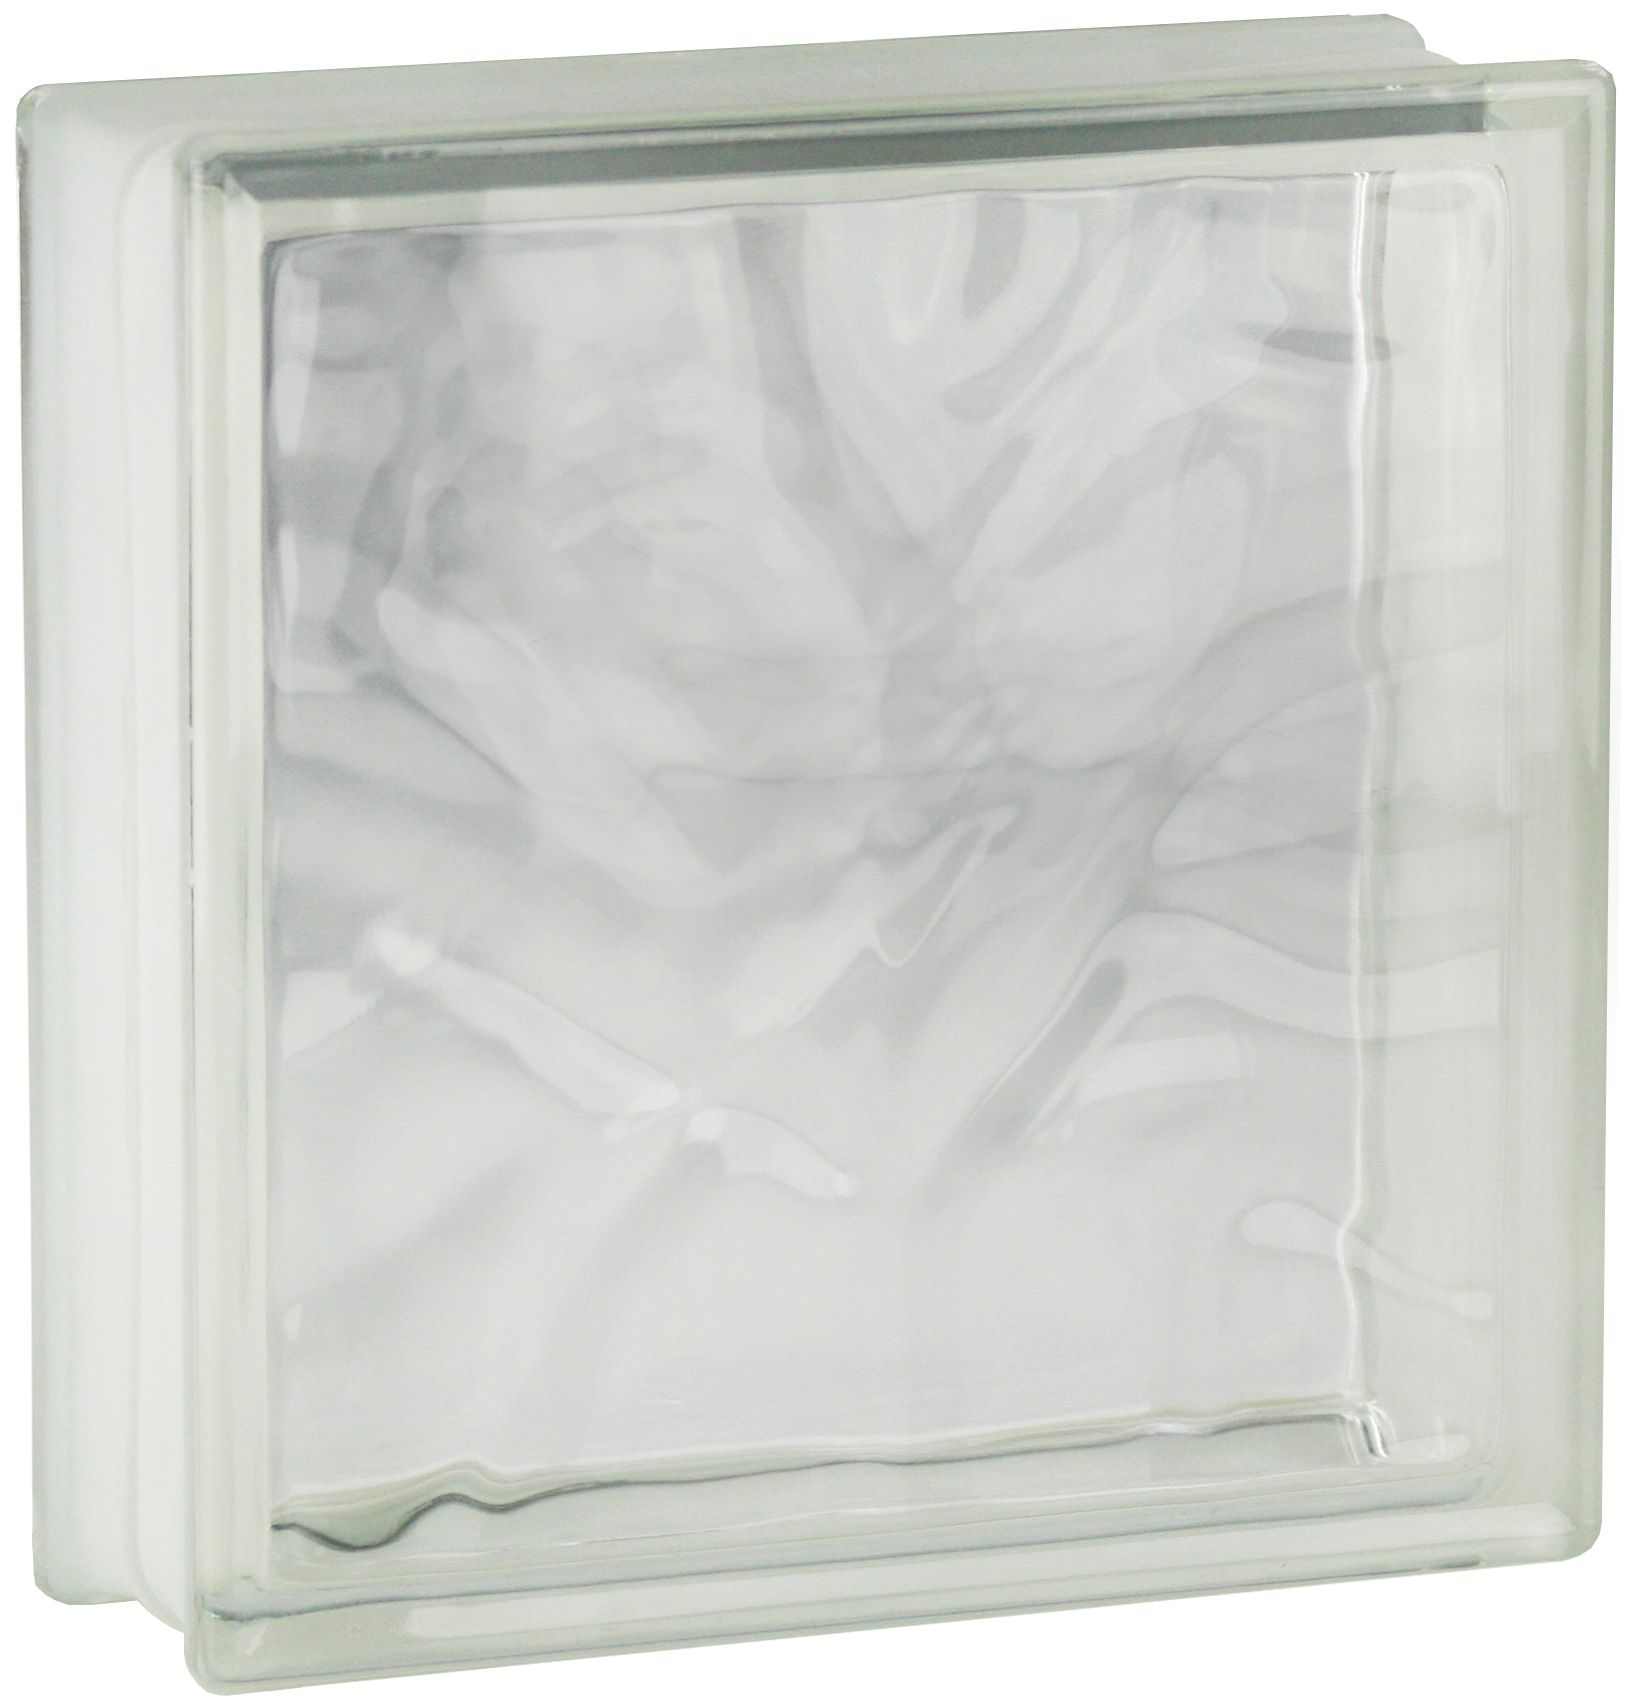 5 St/ück Fuchs Glassteine Wolke Grau 19x19x8 cm